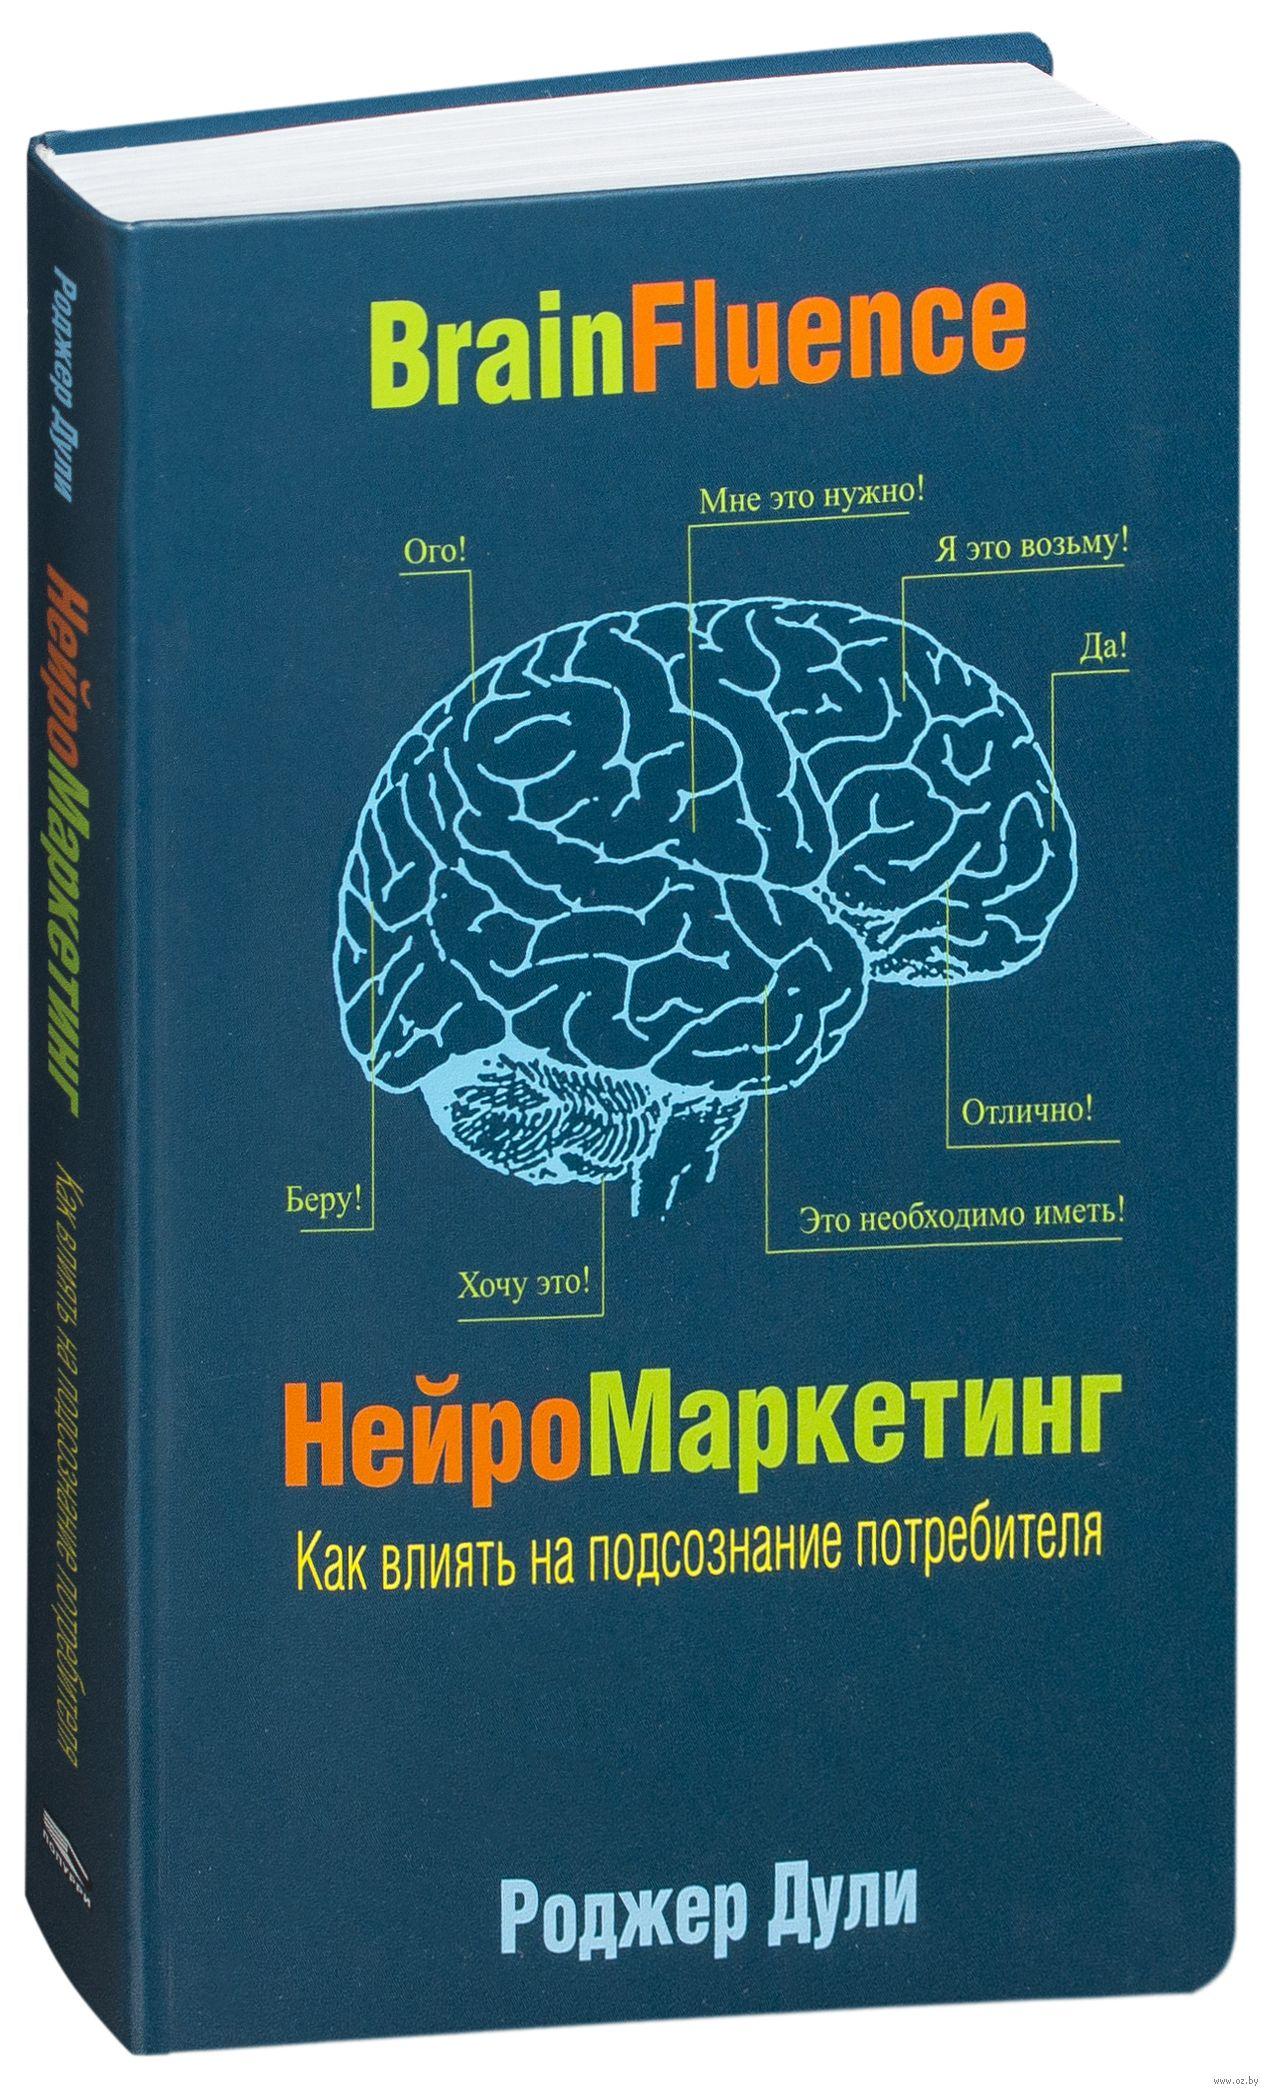 роджер дули нейромаркетинг fb2